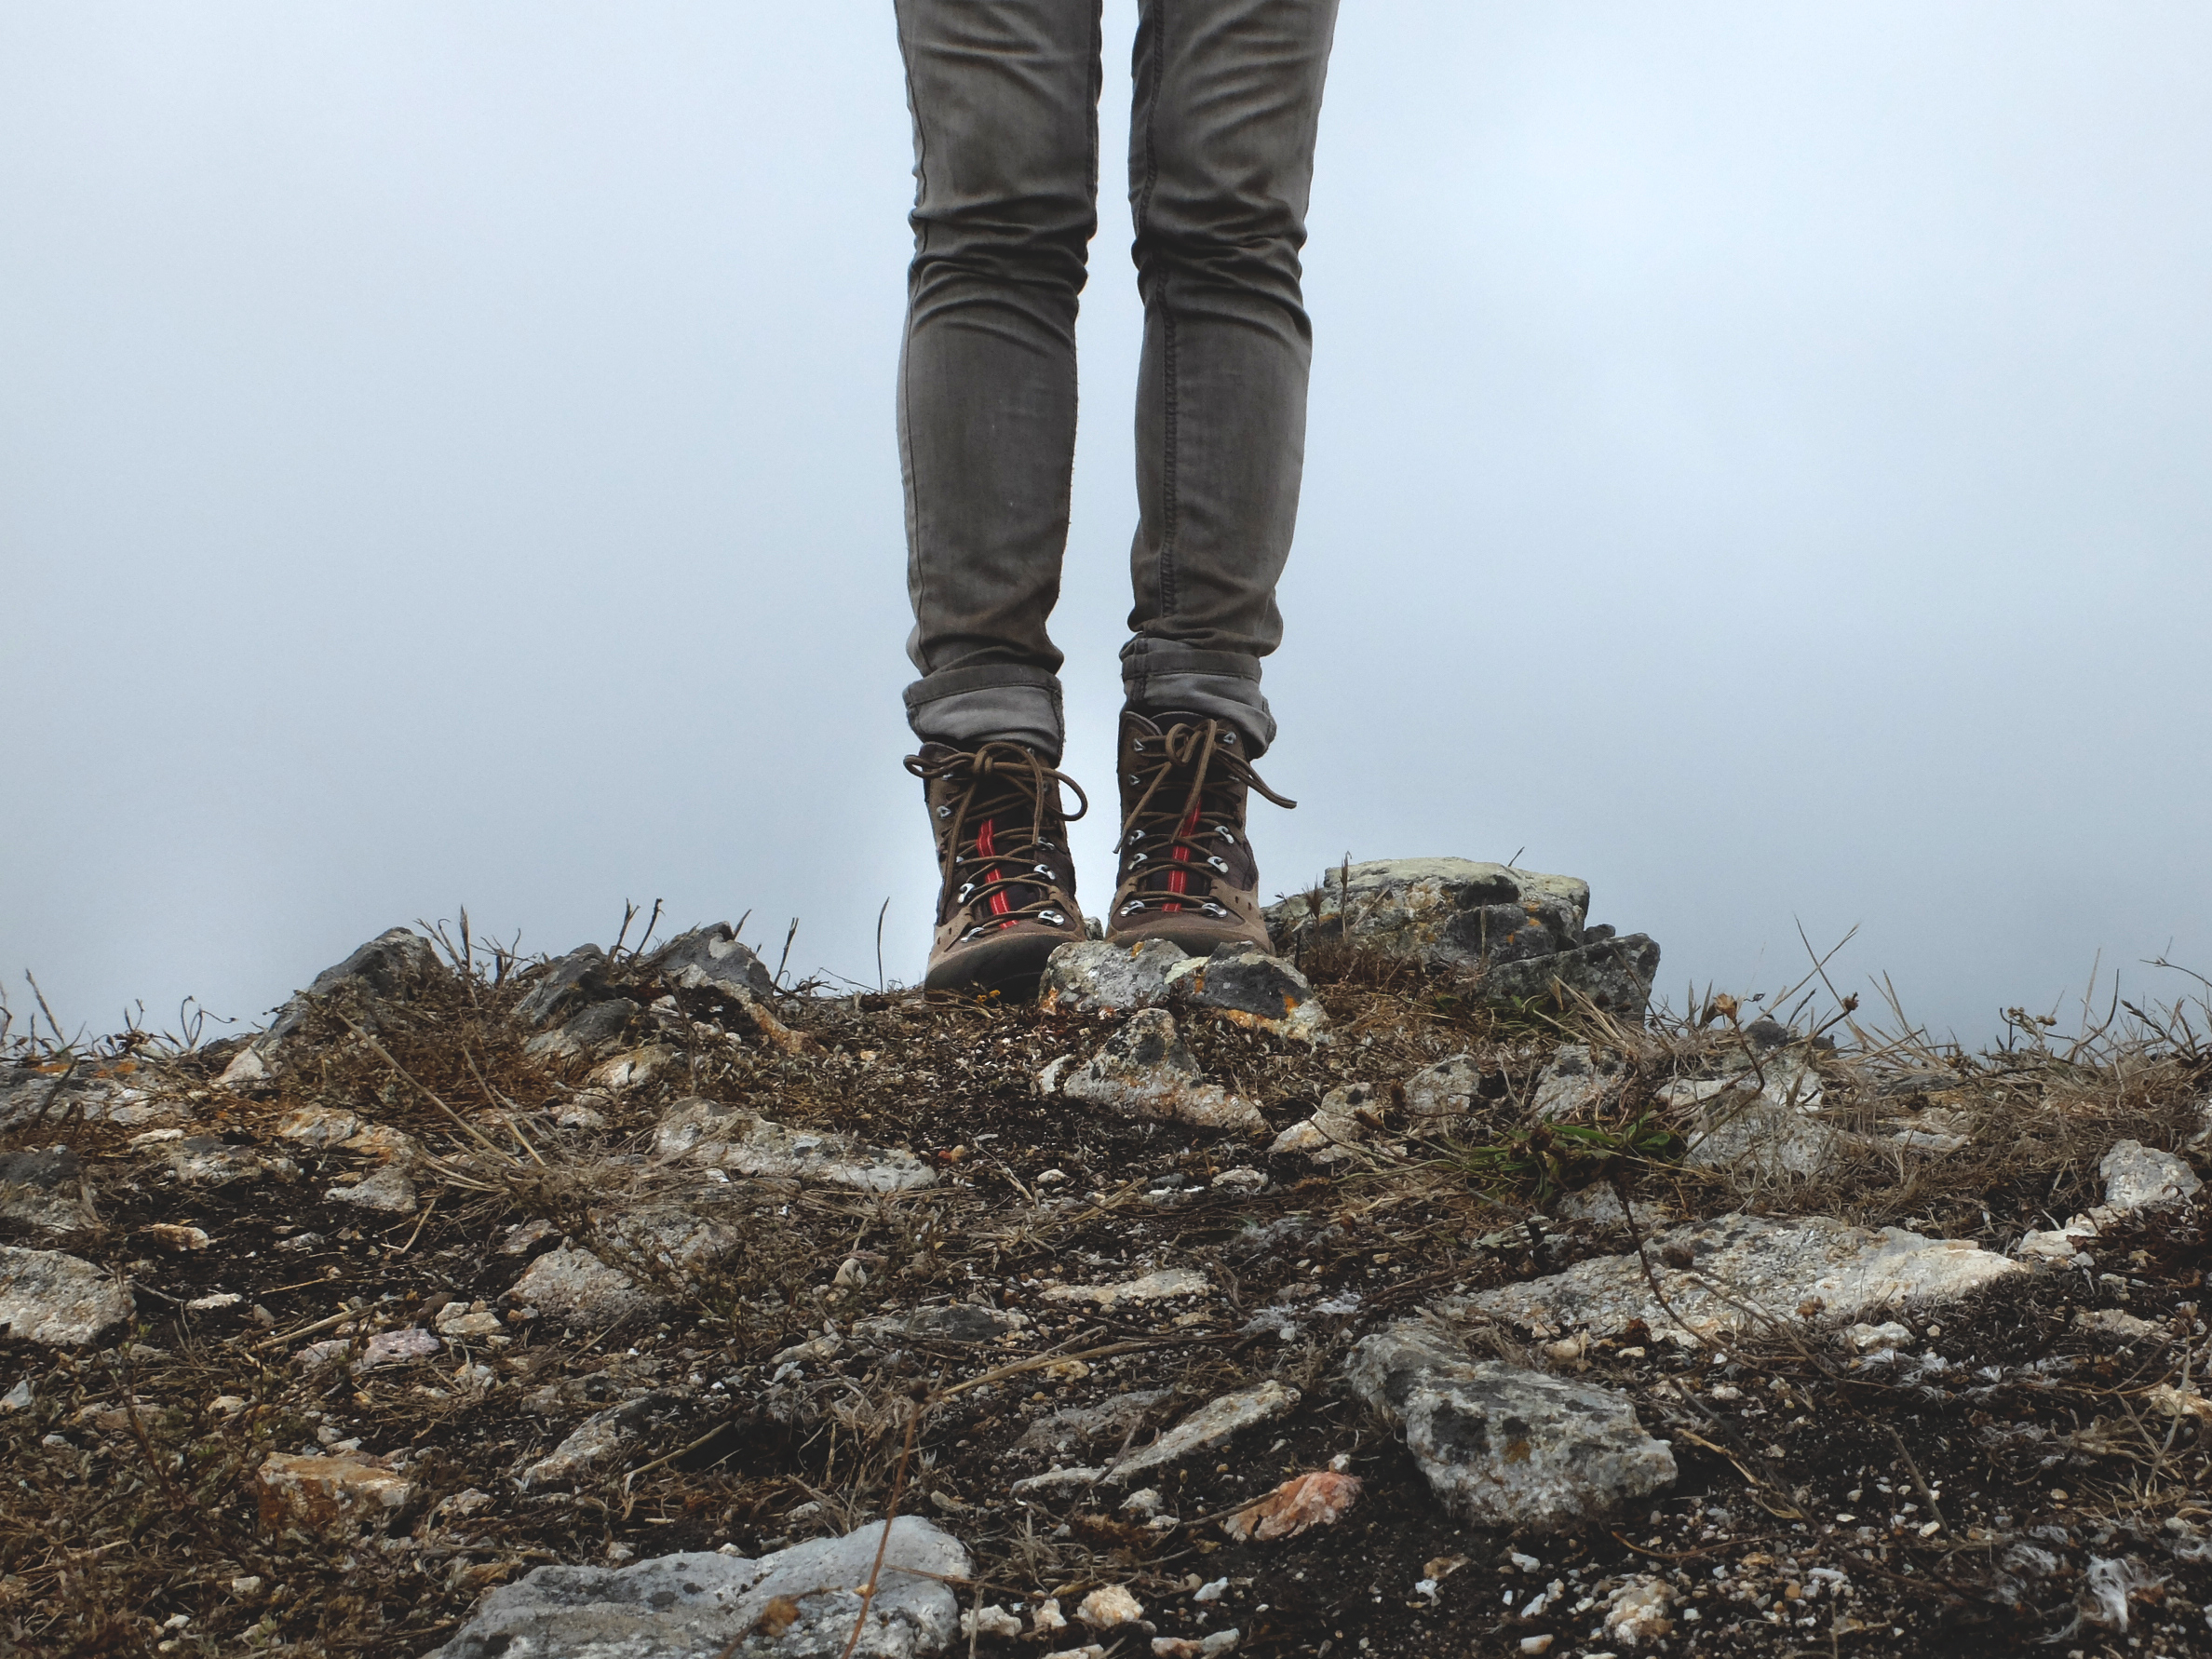 Hiking in the Okanagan